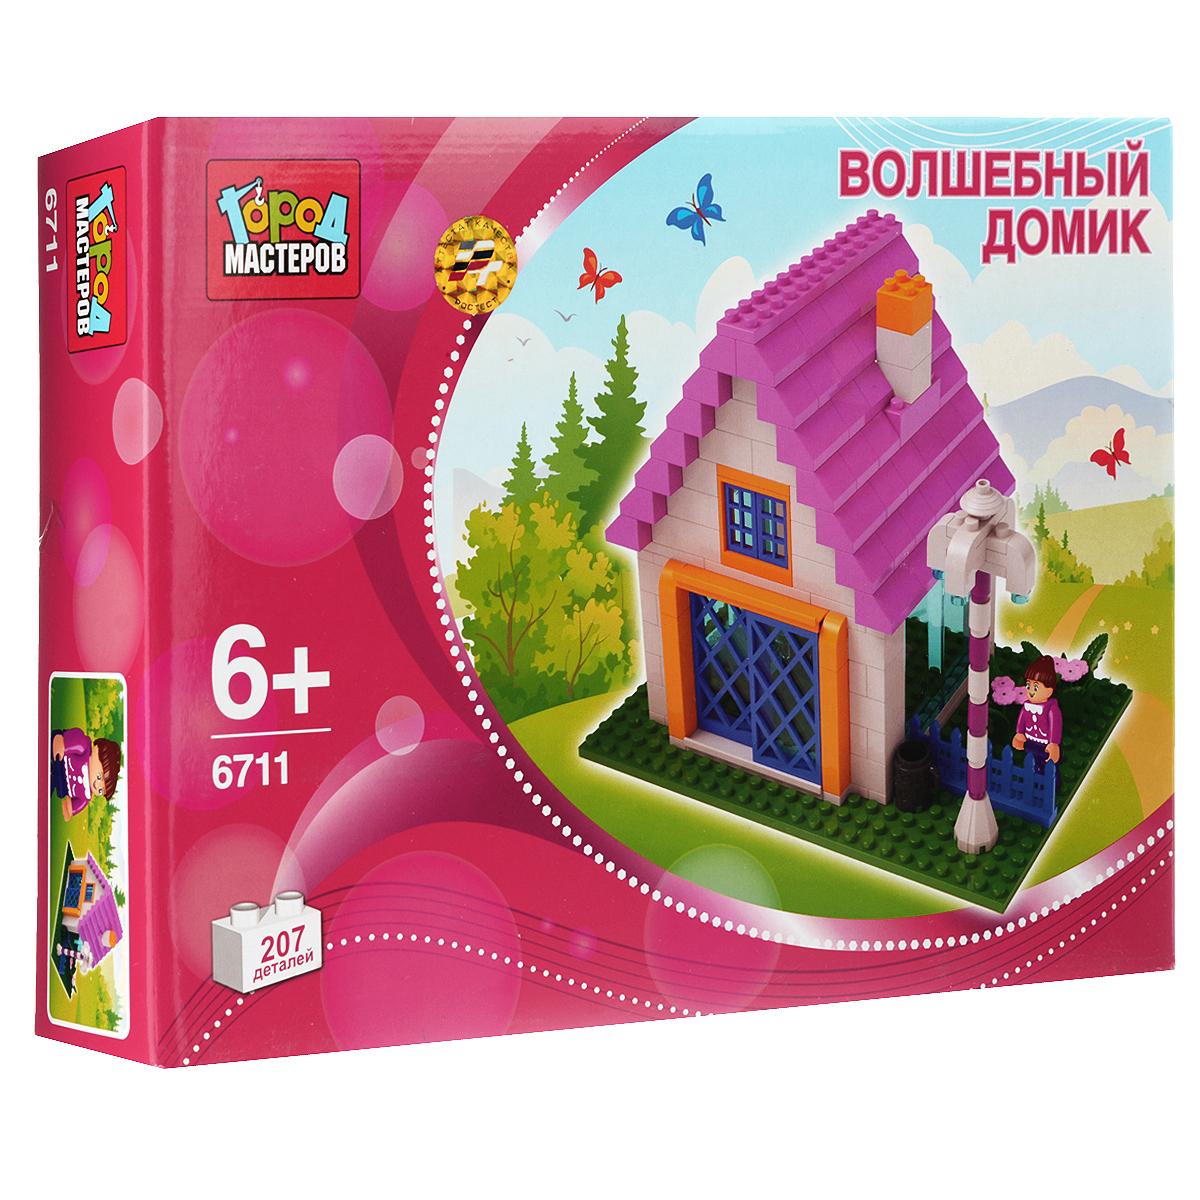 Купить Город мастеров Конструктор Волшебный домик, Shantou City Daxiang Plastic Toy Products Co., Ltd, Конструкторы